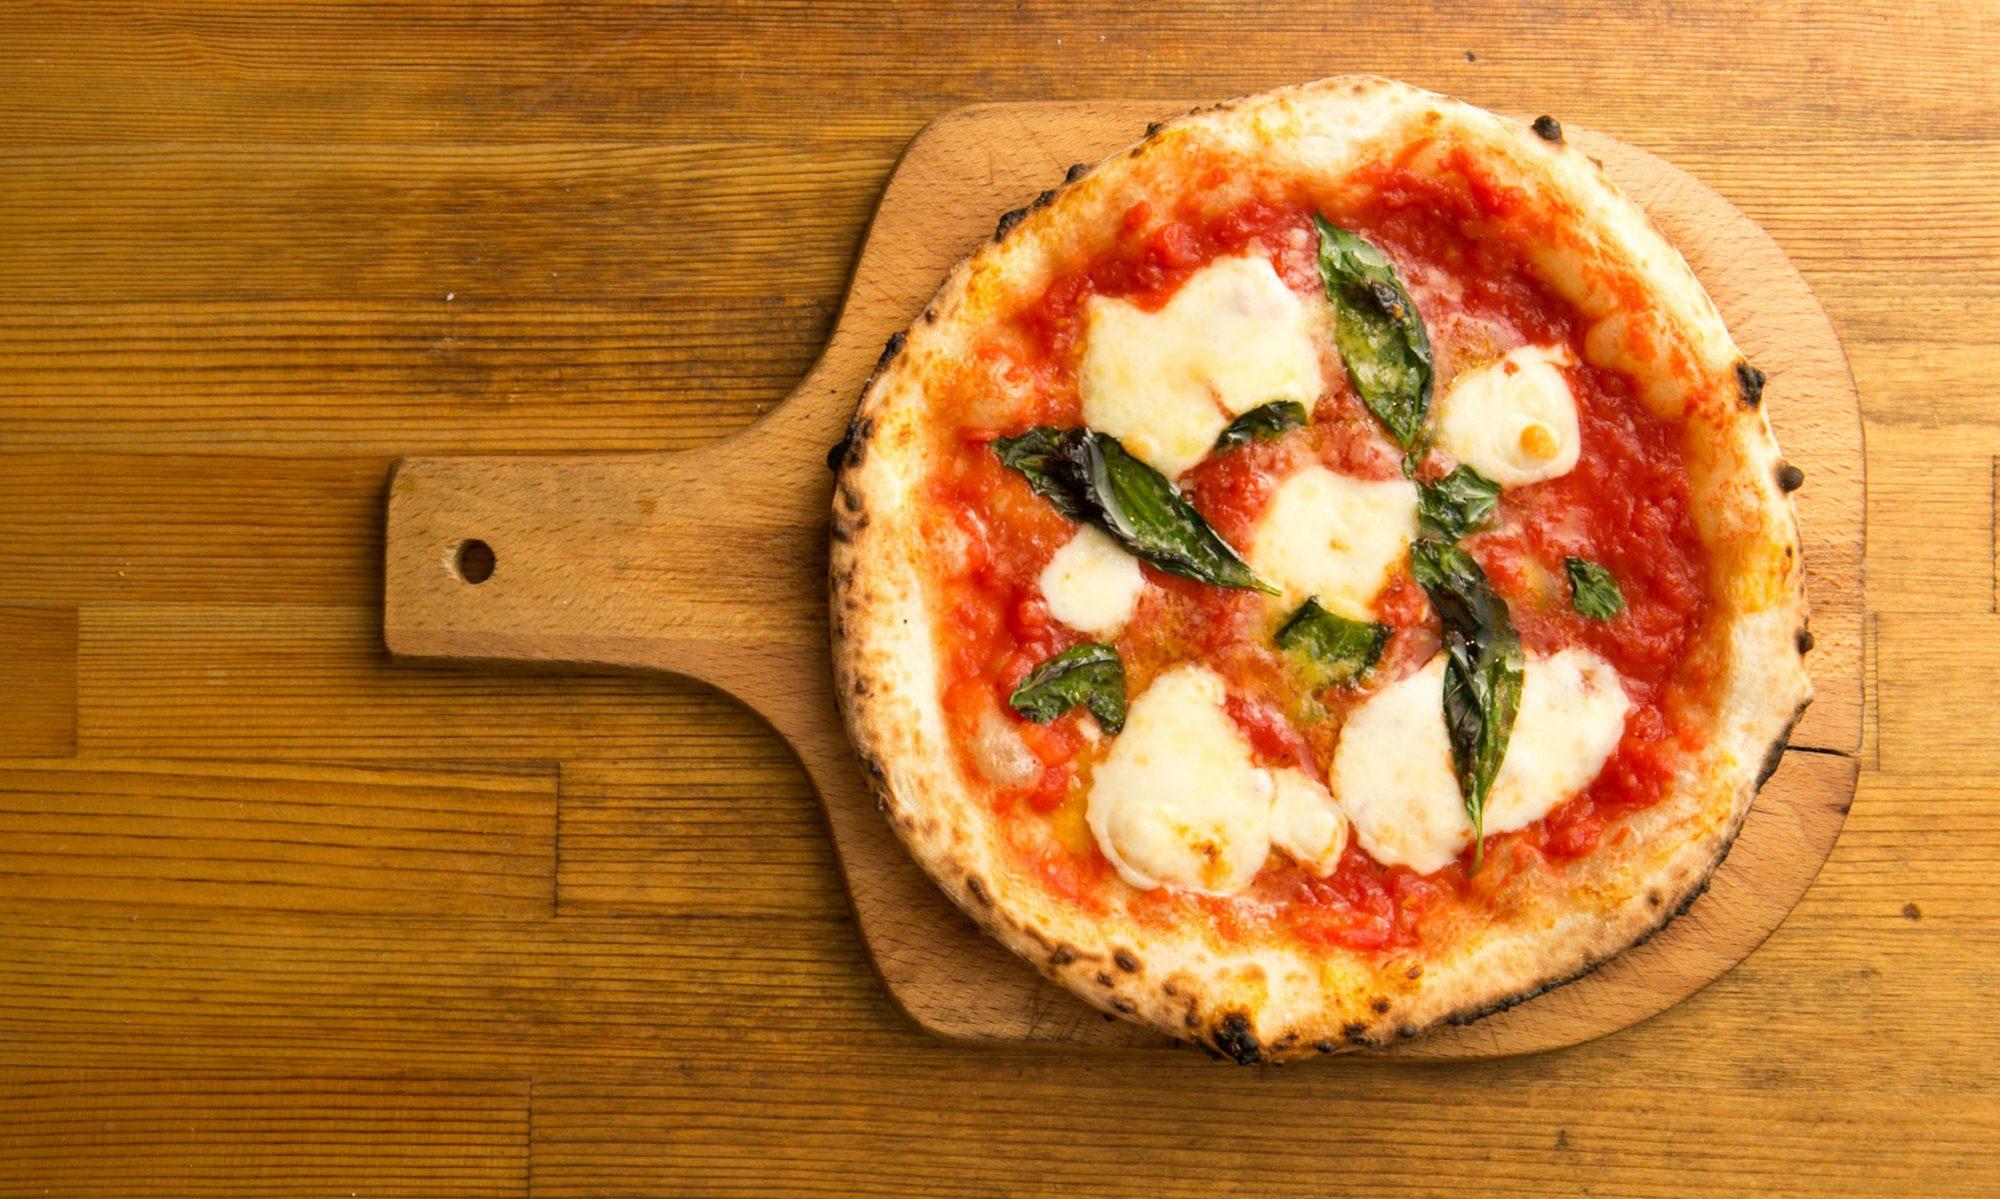 The Pizza Bubble